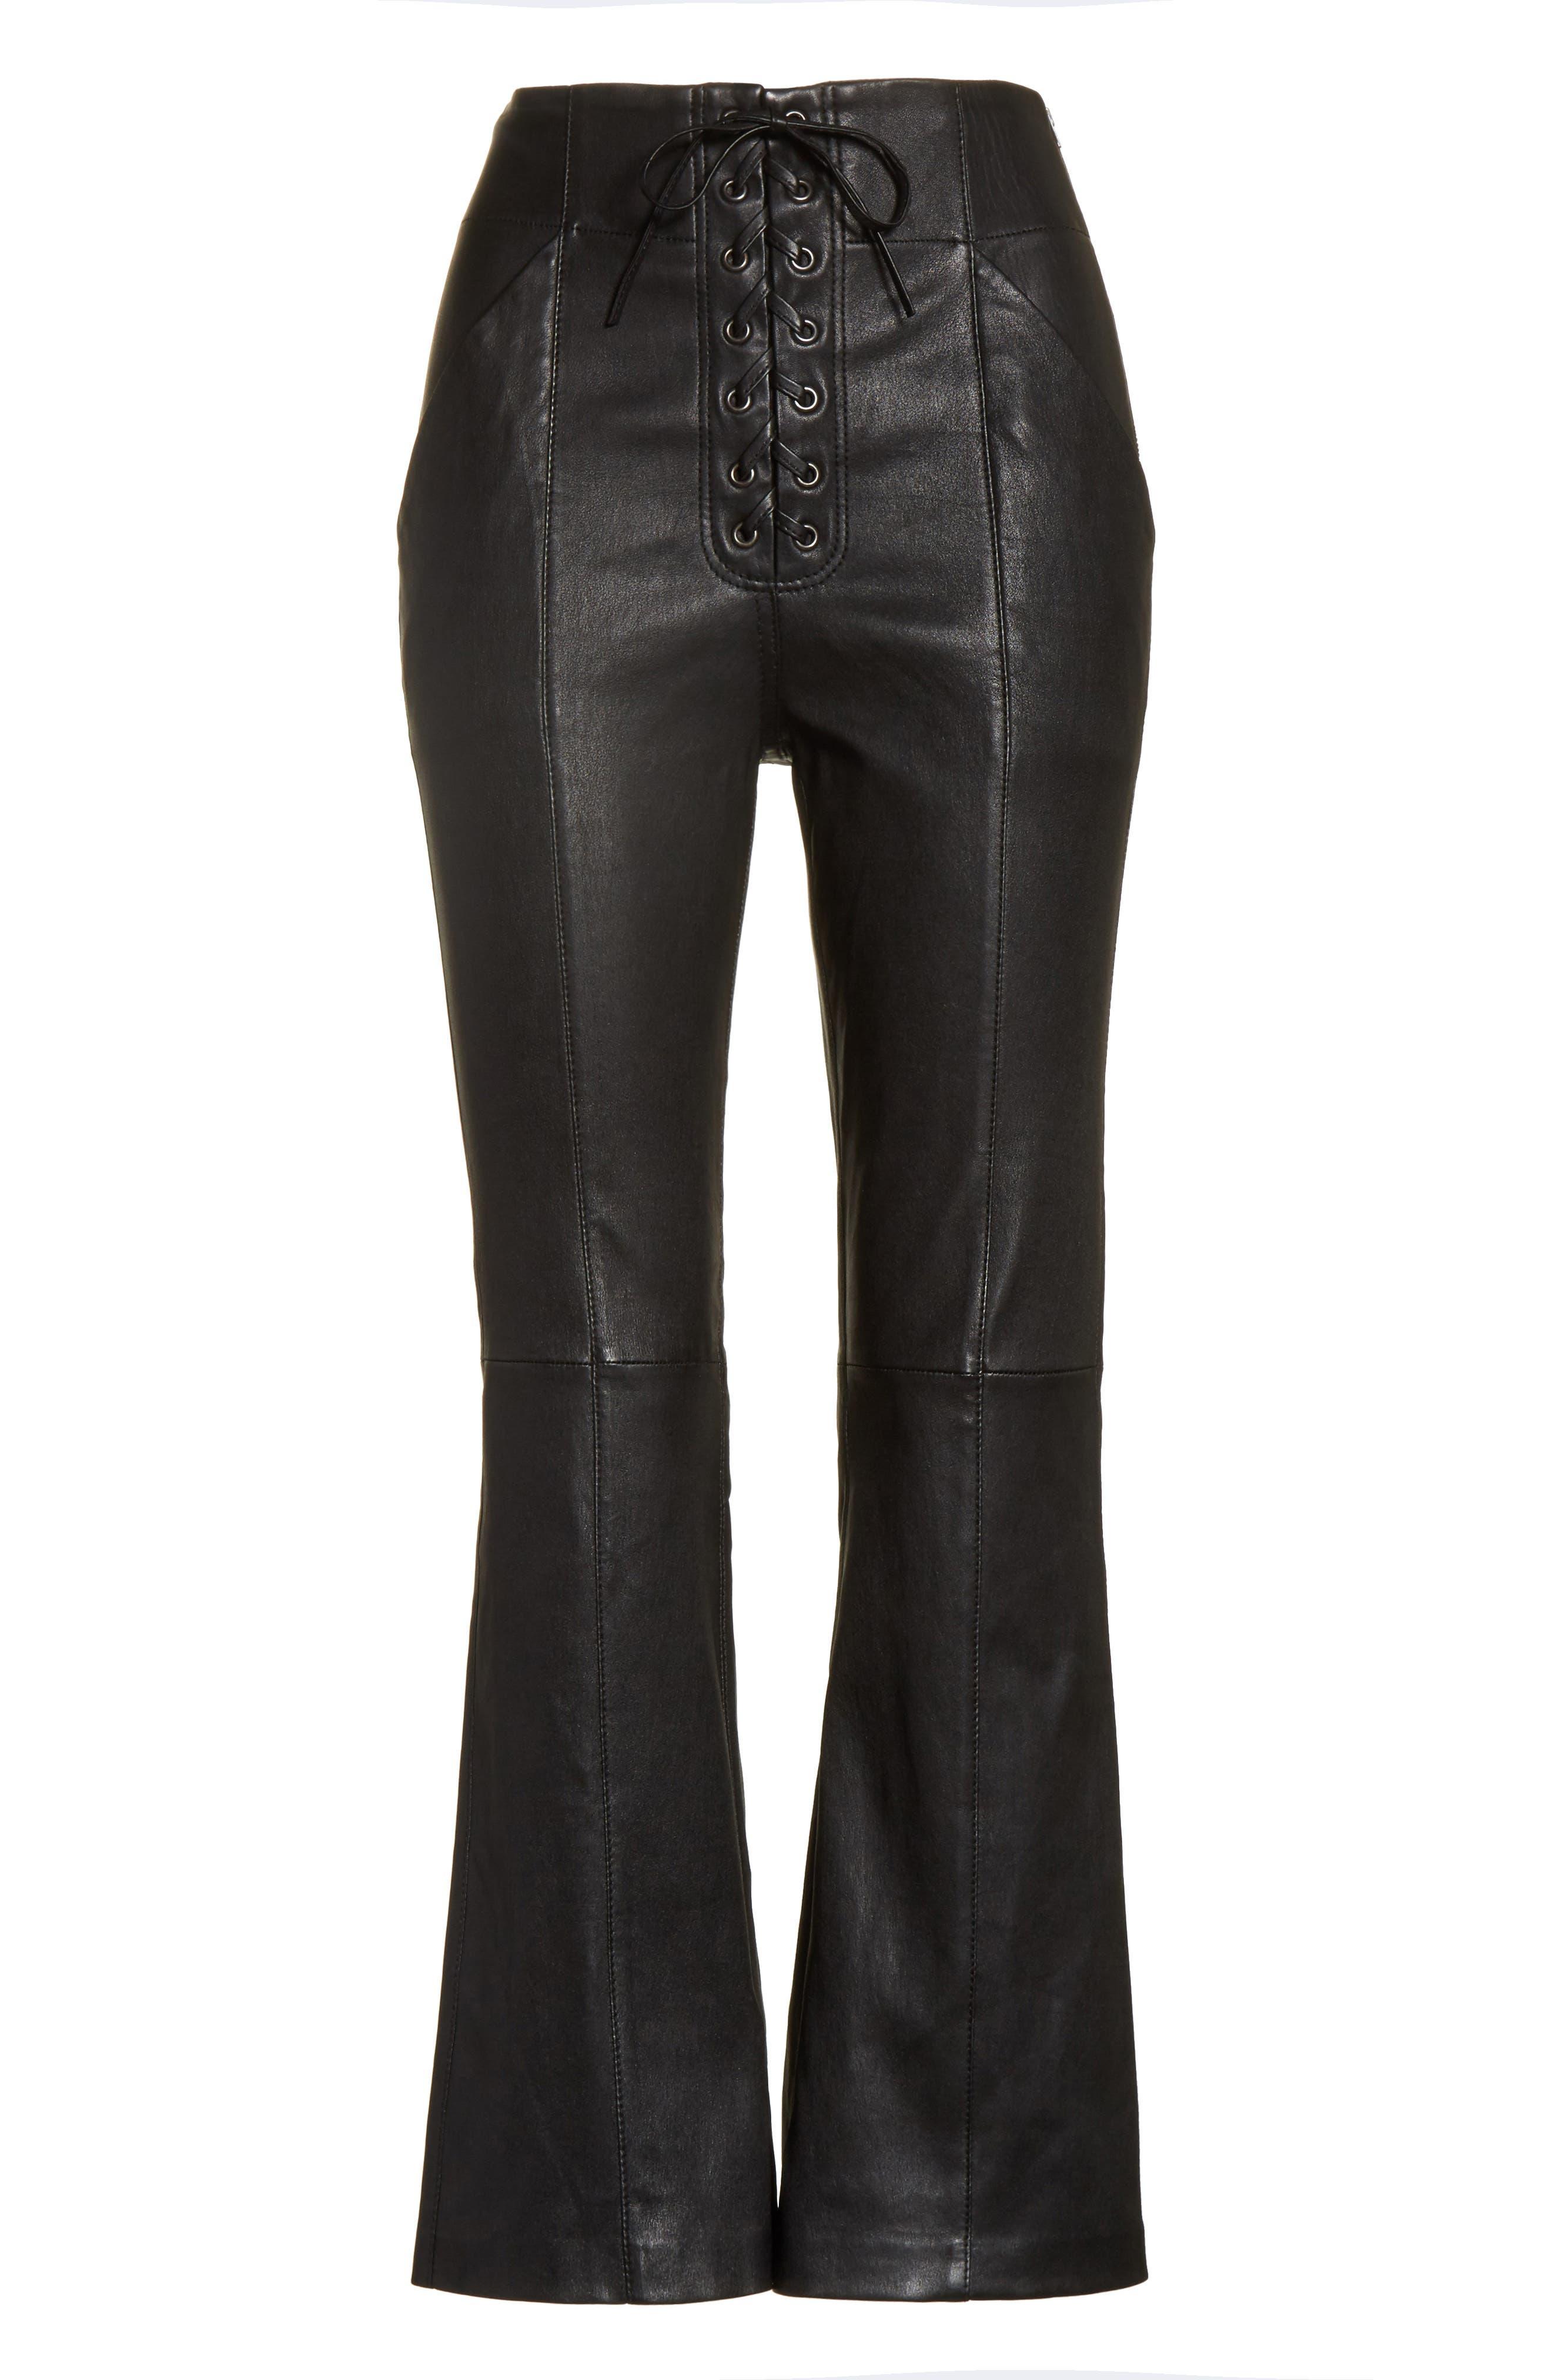 Delia Lace Up Leather Pants,                             Alternate thumbnail 6, color,                             001